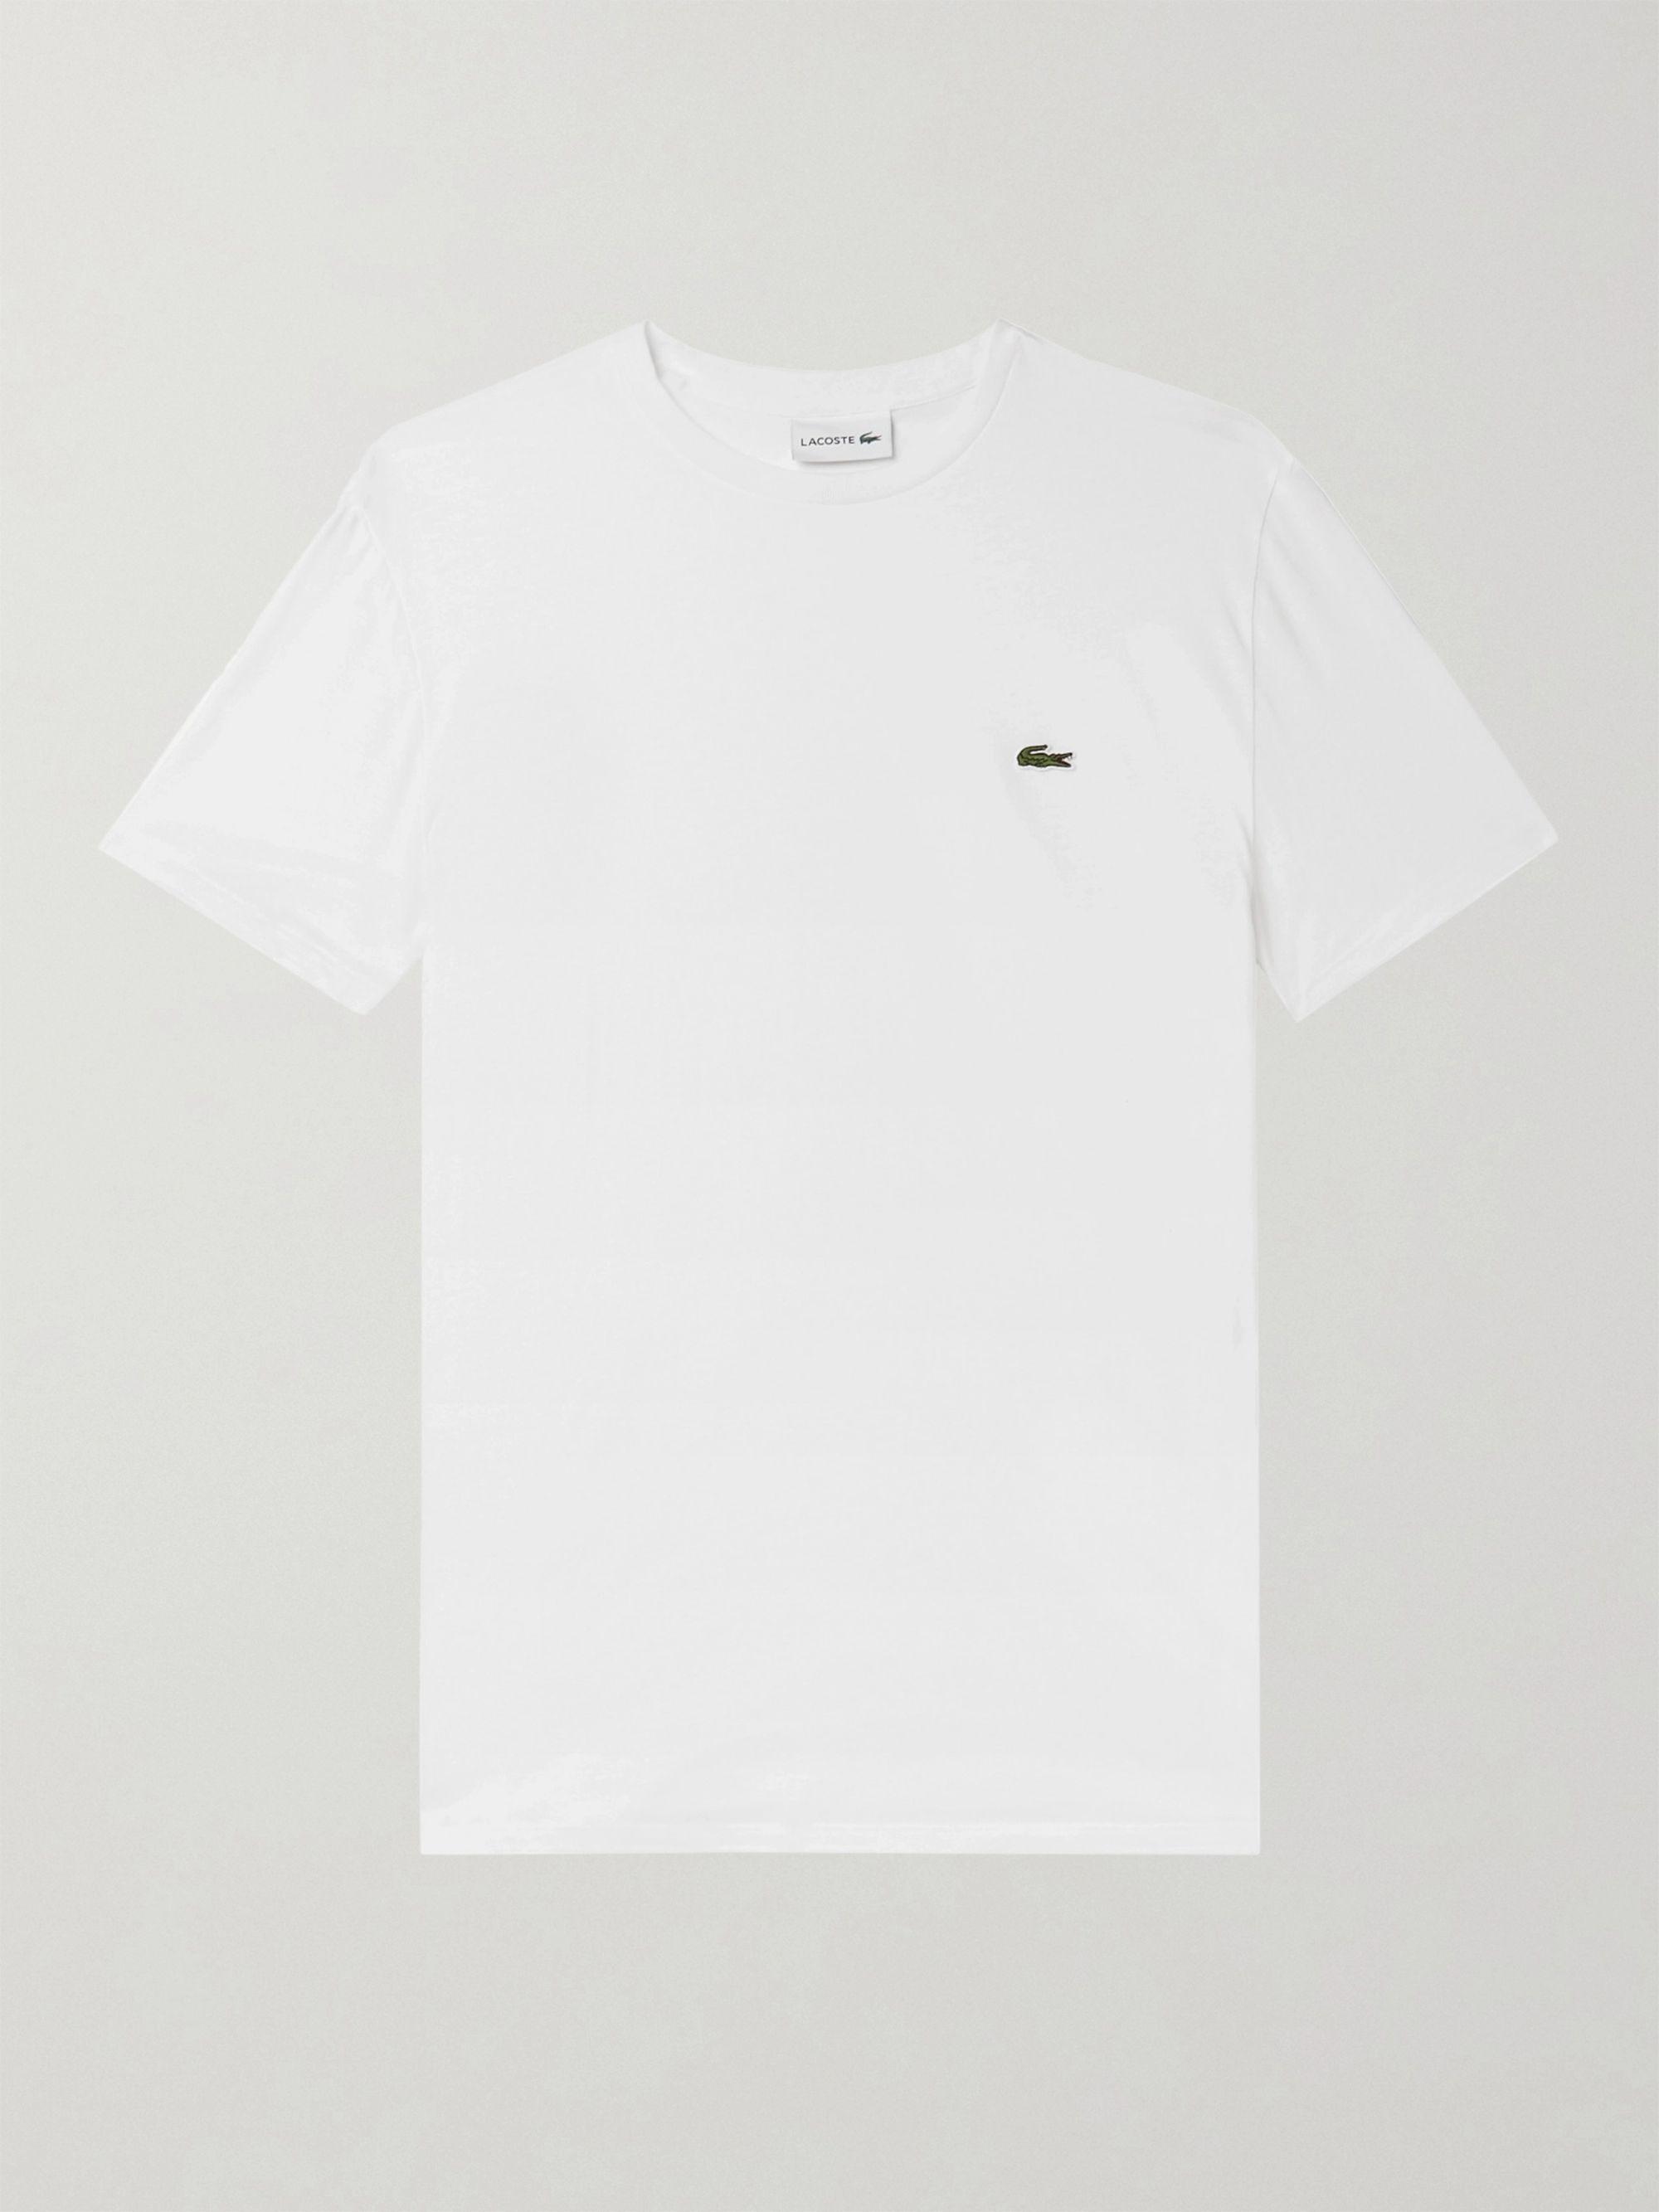 Lacoste Slim-Fit Logo-Appliqued Cotton-Jersey T-Shirt